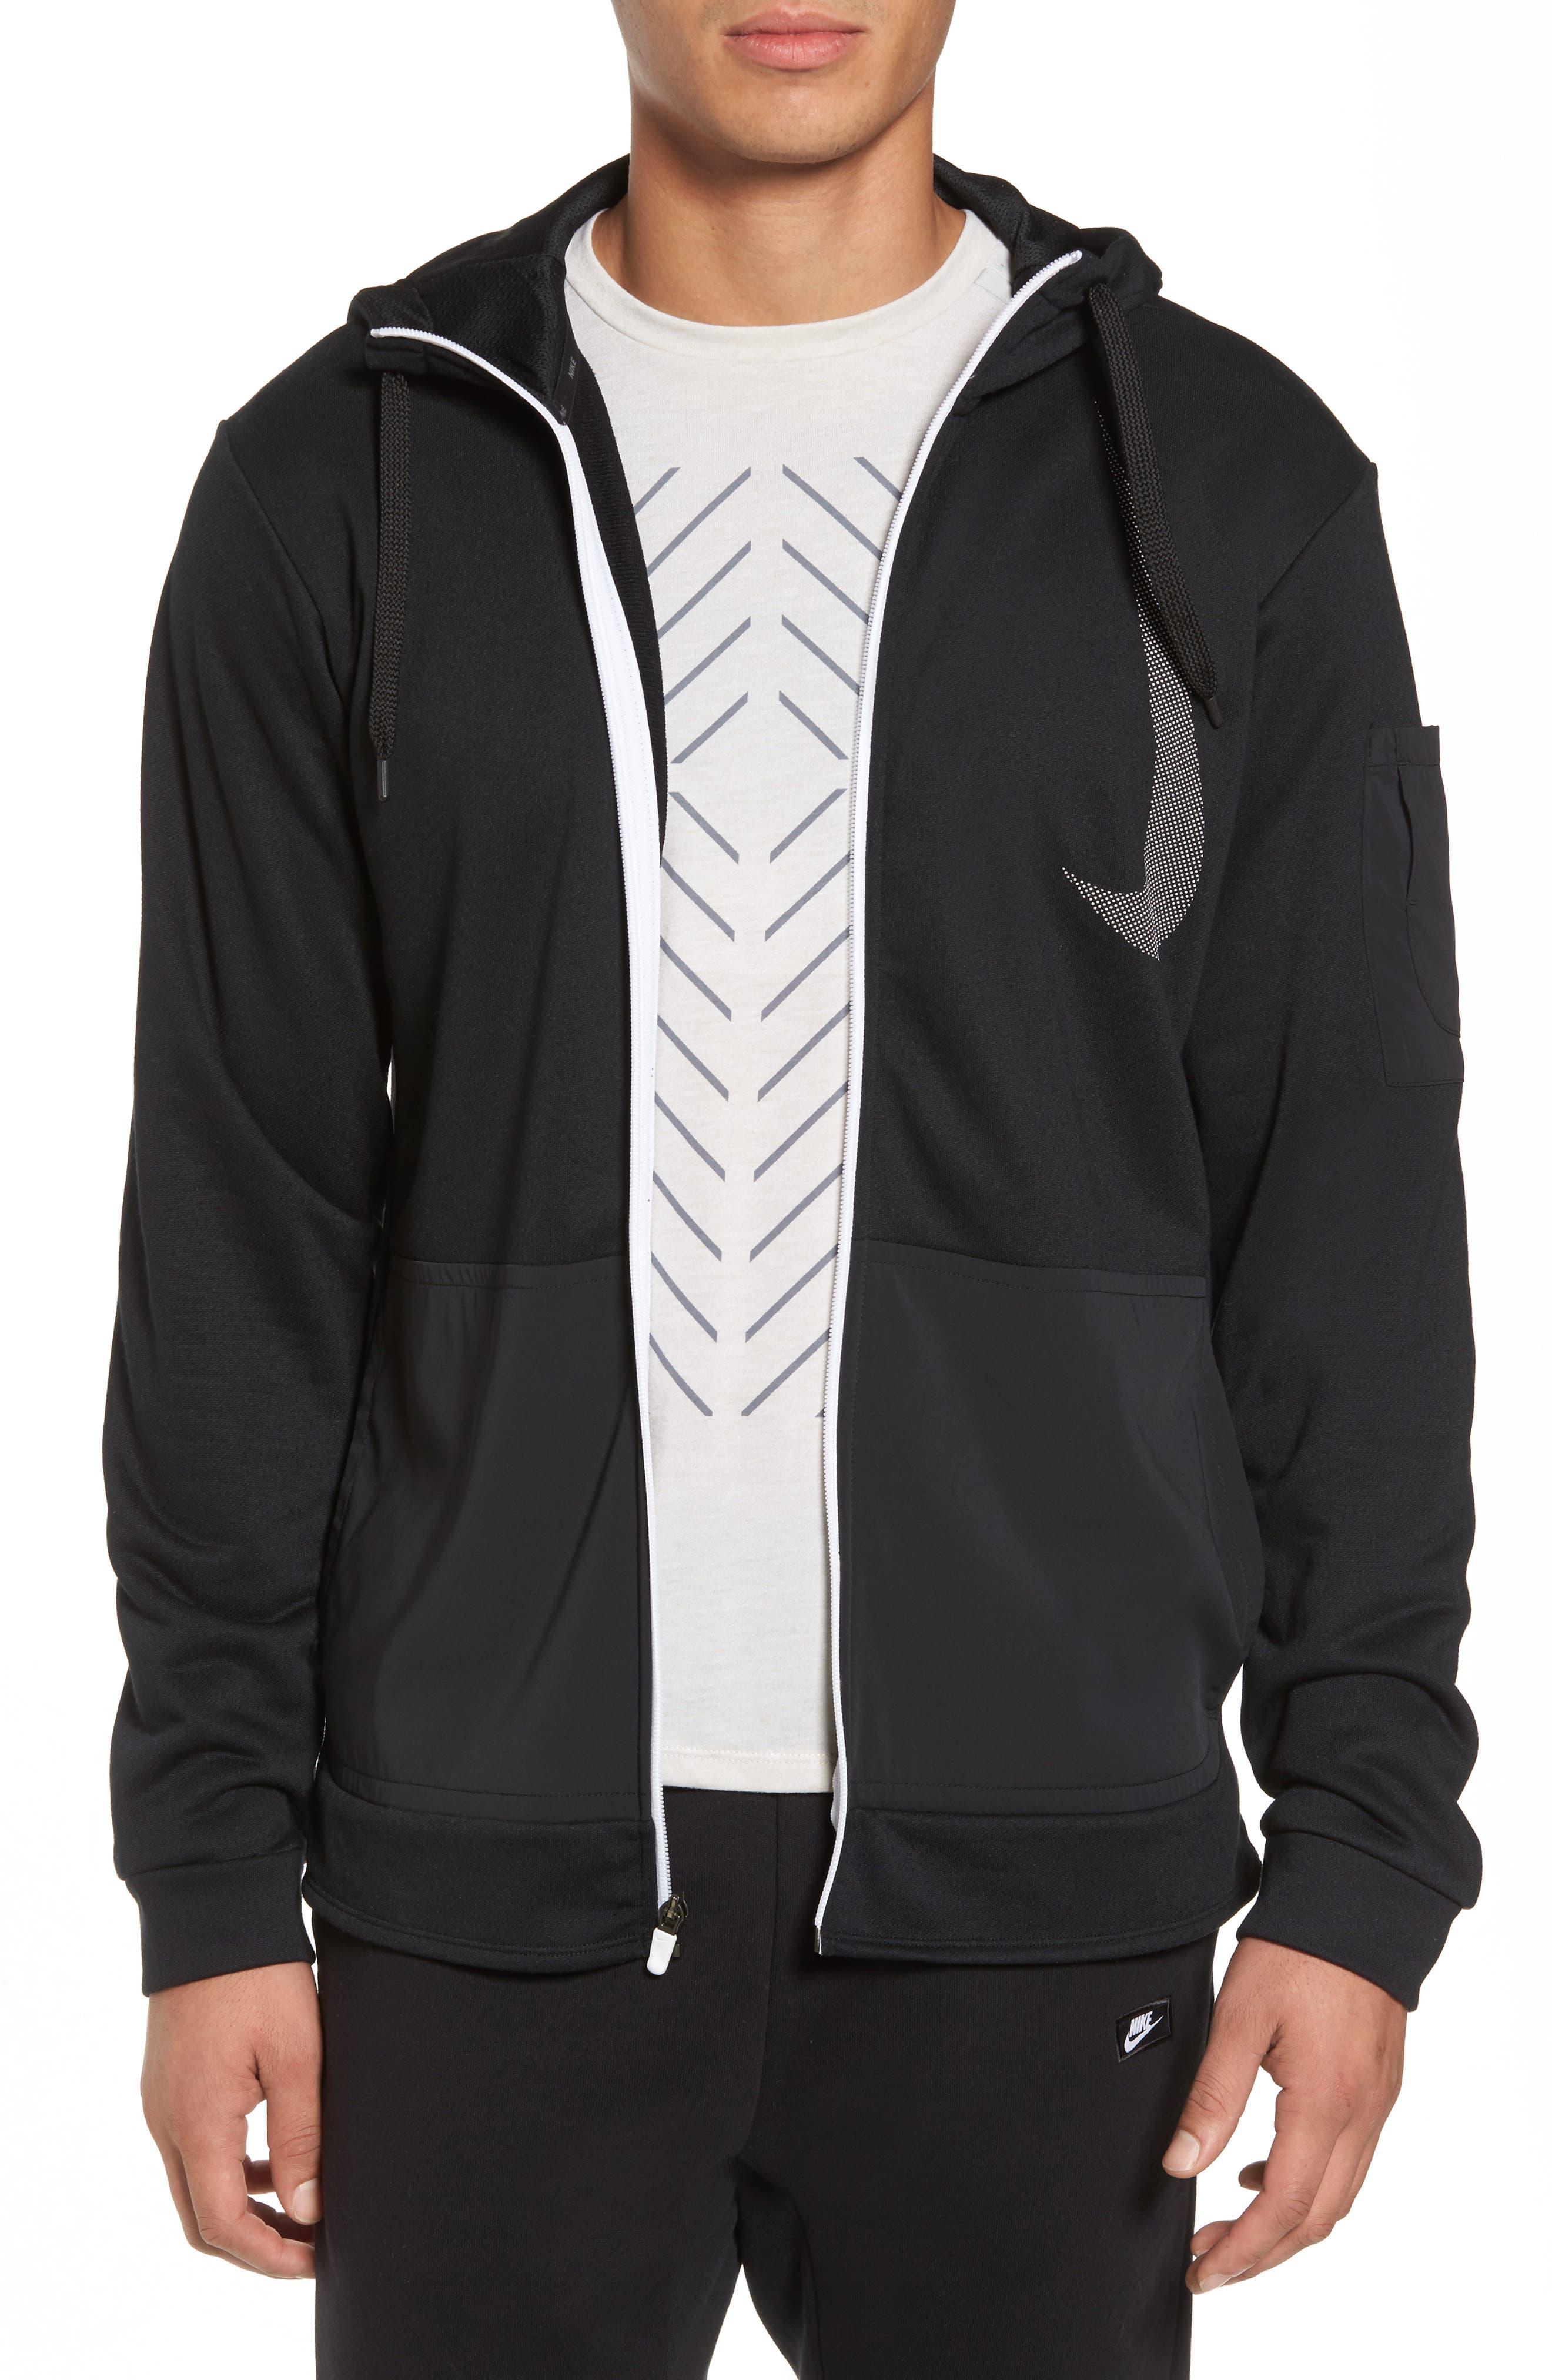 Nike Training Dry PX Zip Hoodie